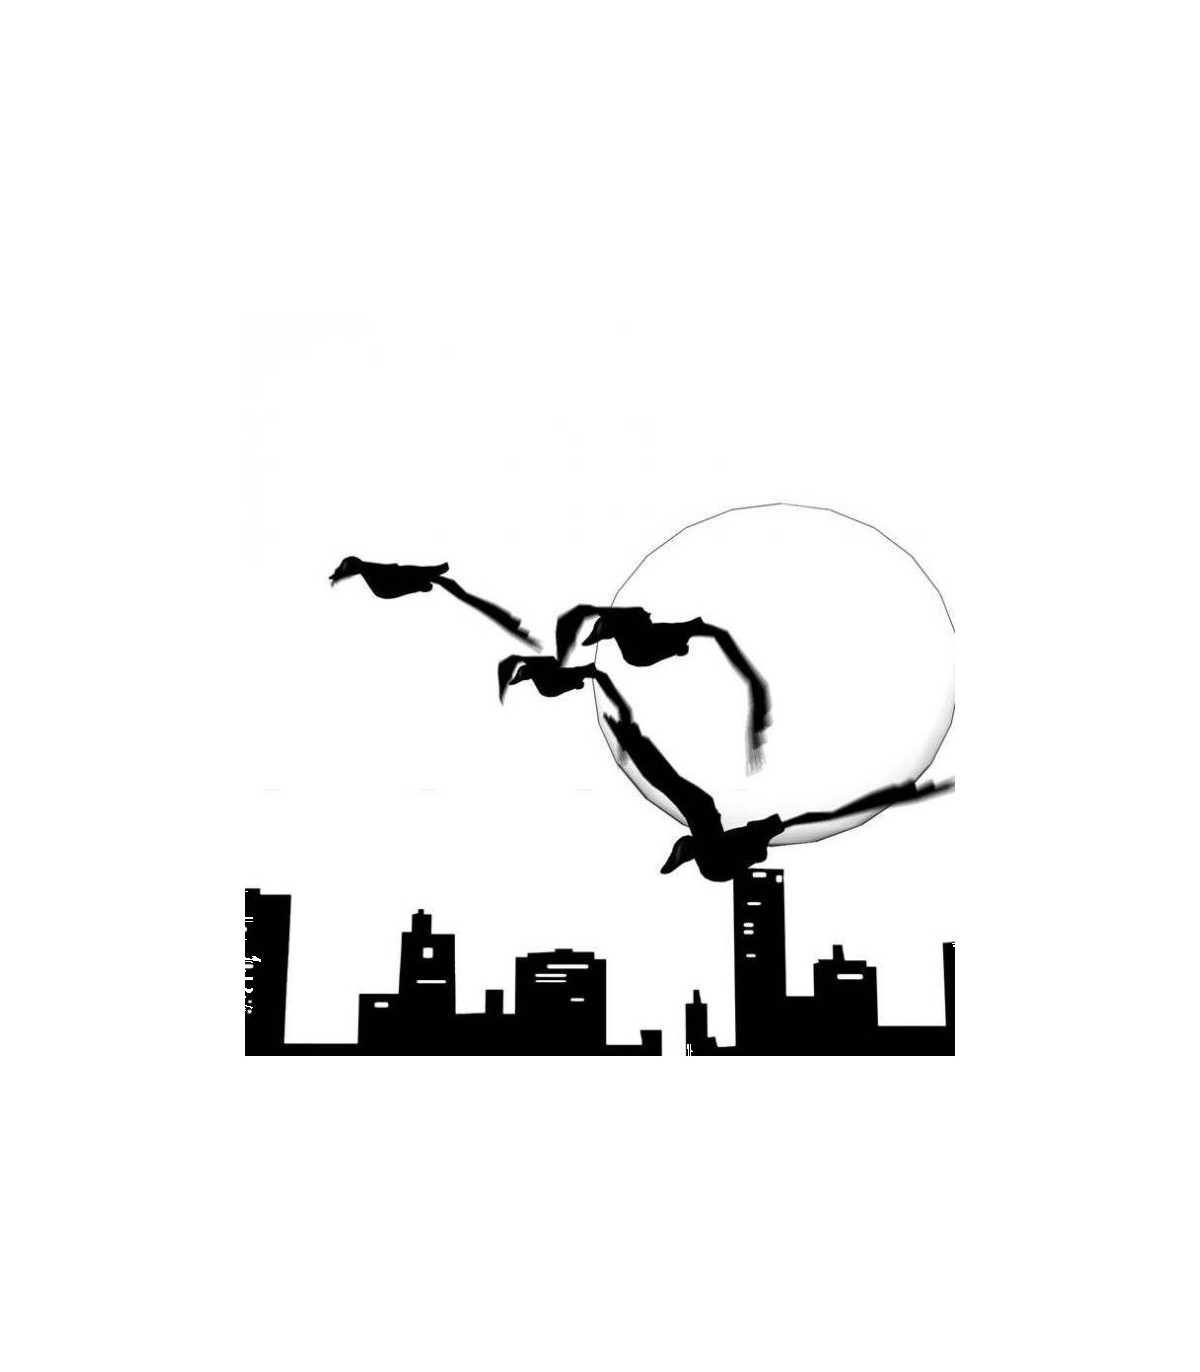 Sticker paysage oiseaux